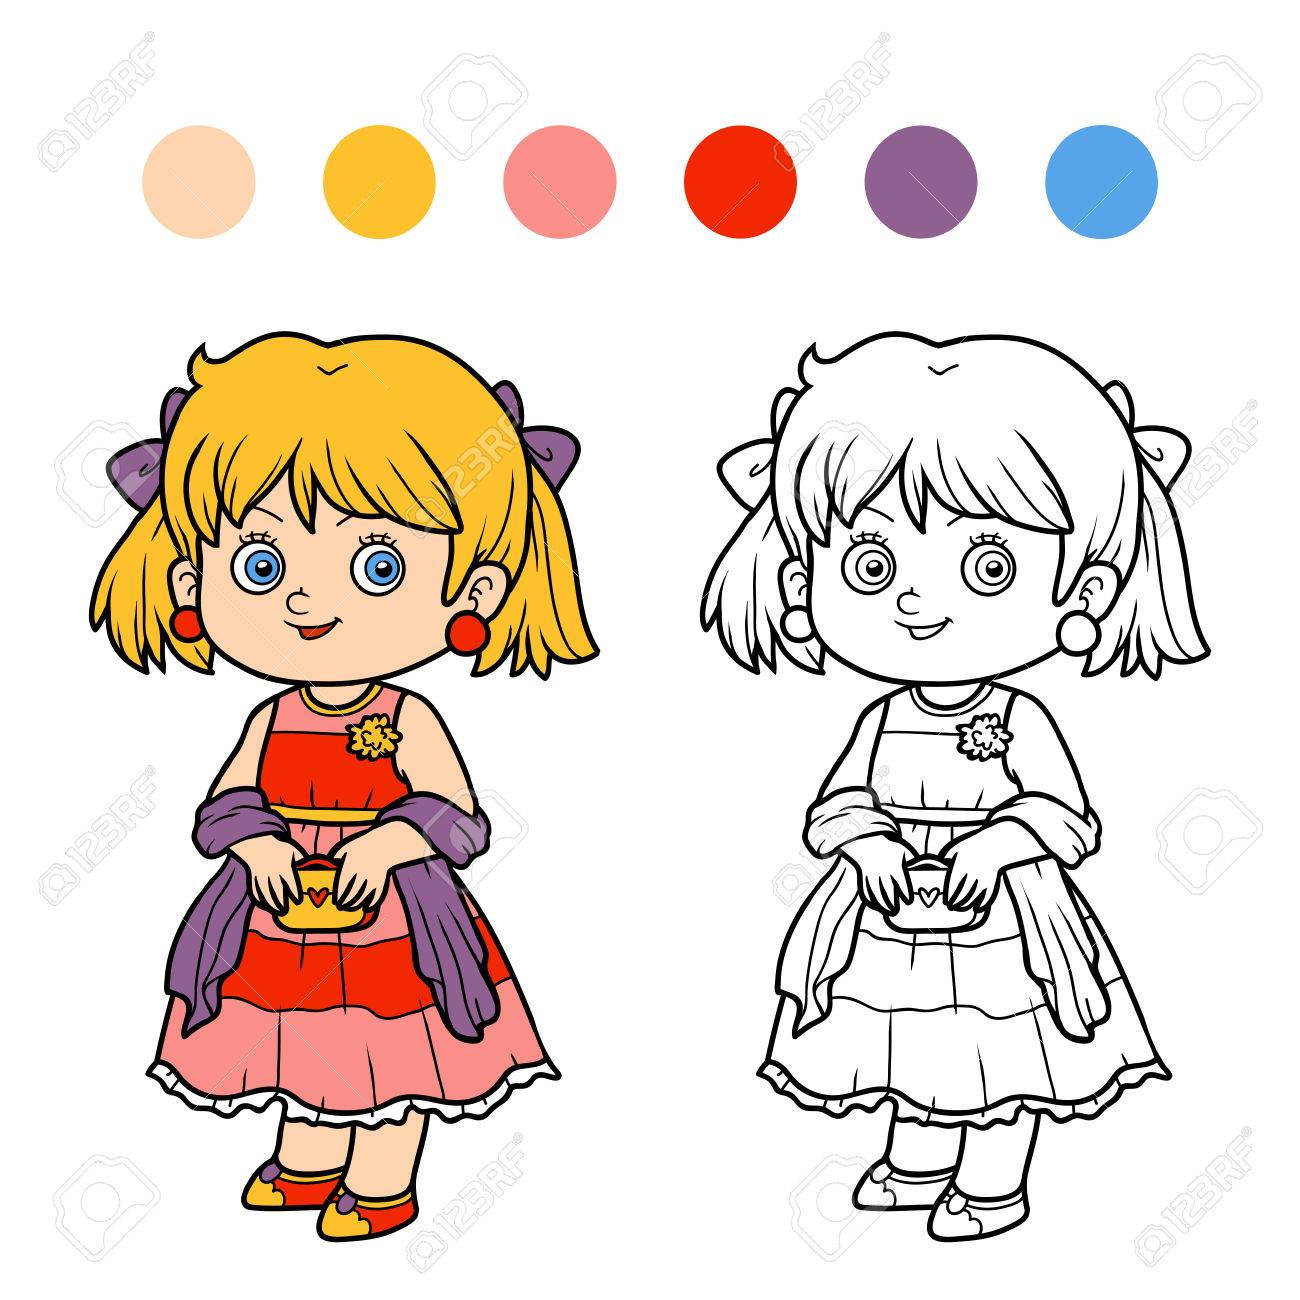 ドレスを着た女の子子供のための塗り絵のイラスト素材ベクタ Image